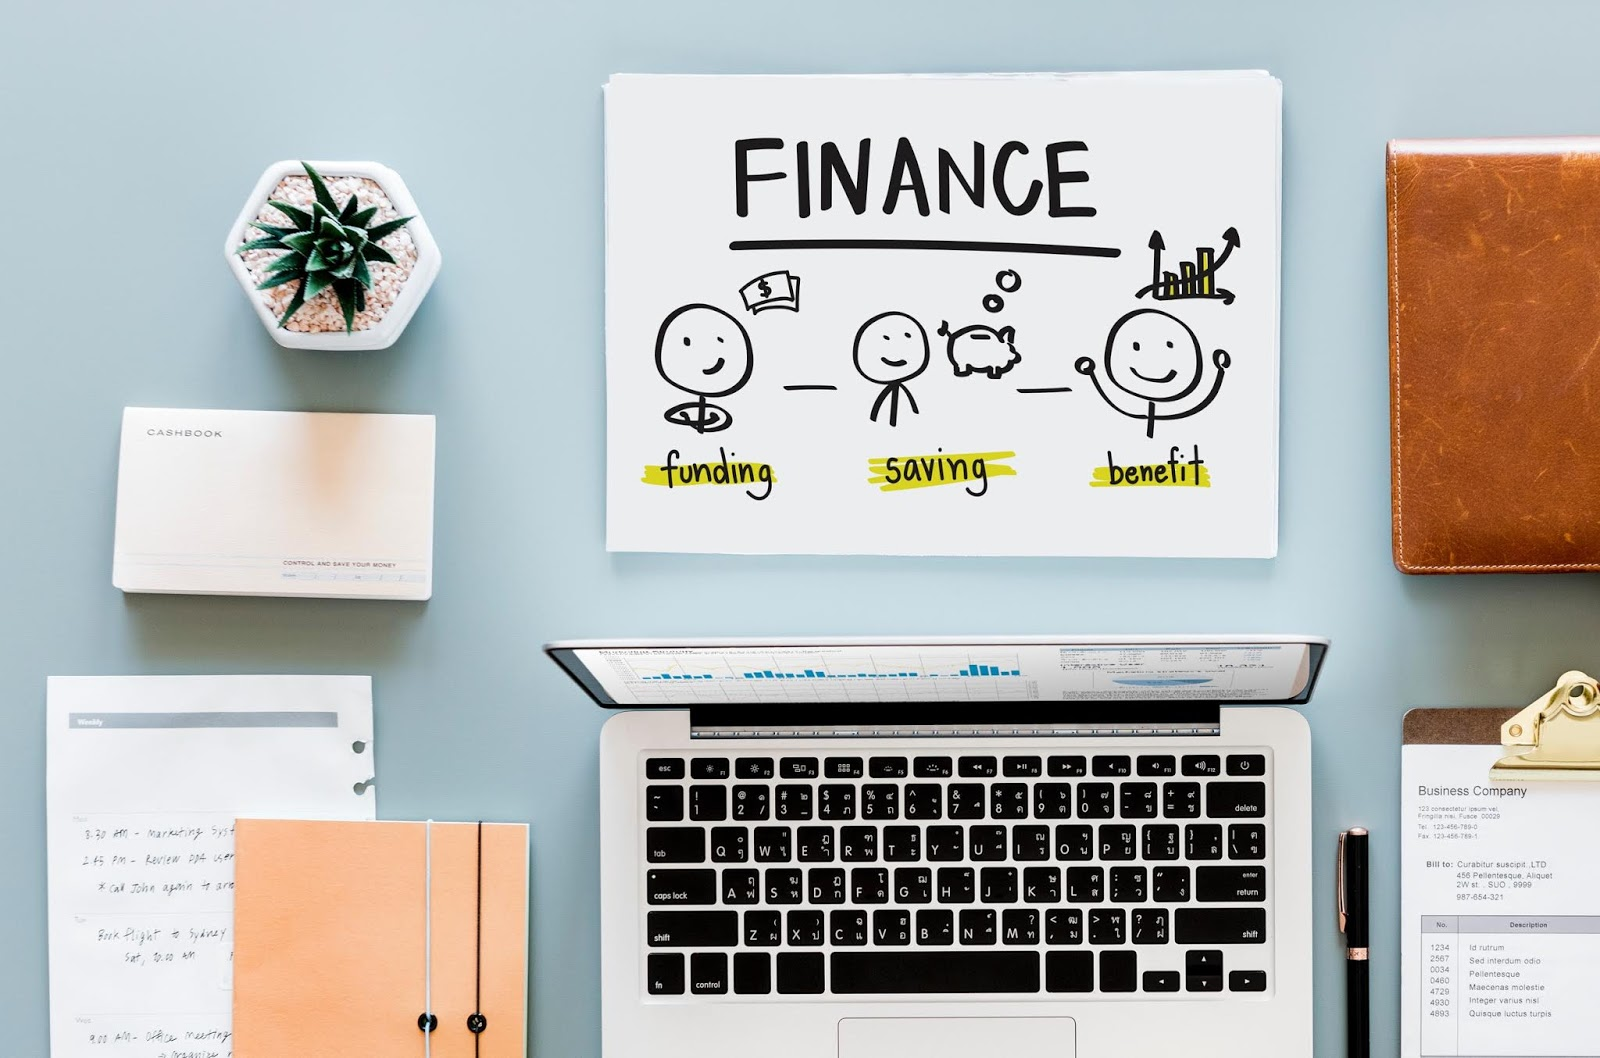 8 Temas A Revisar En Tus Finanzas Personales